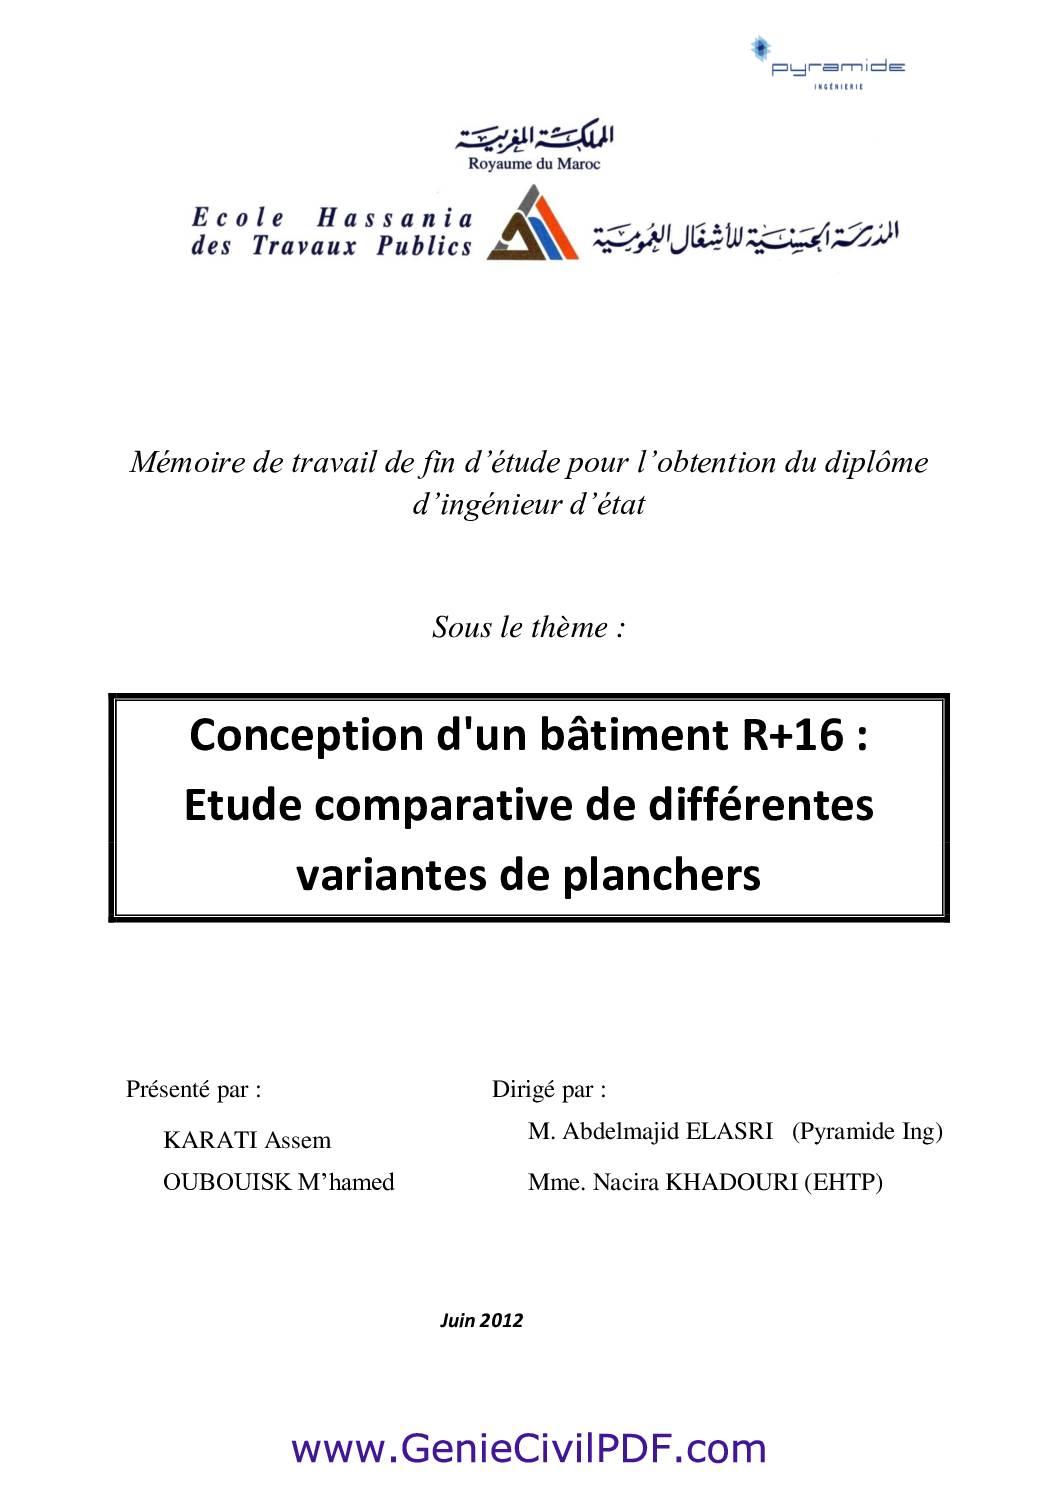 Rapport PFE Conception d'un bâtiment R+16 Etude comparative de différentes variantes de plancher